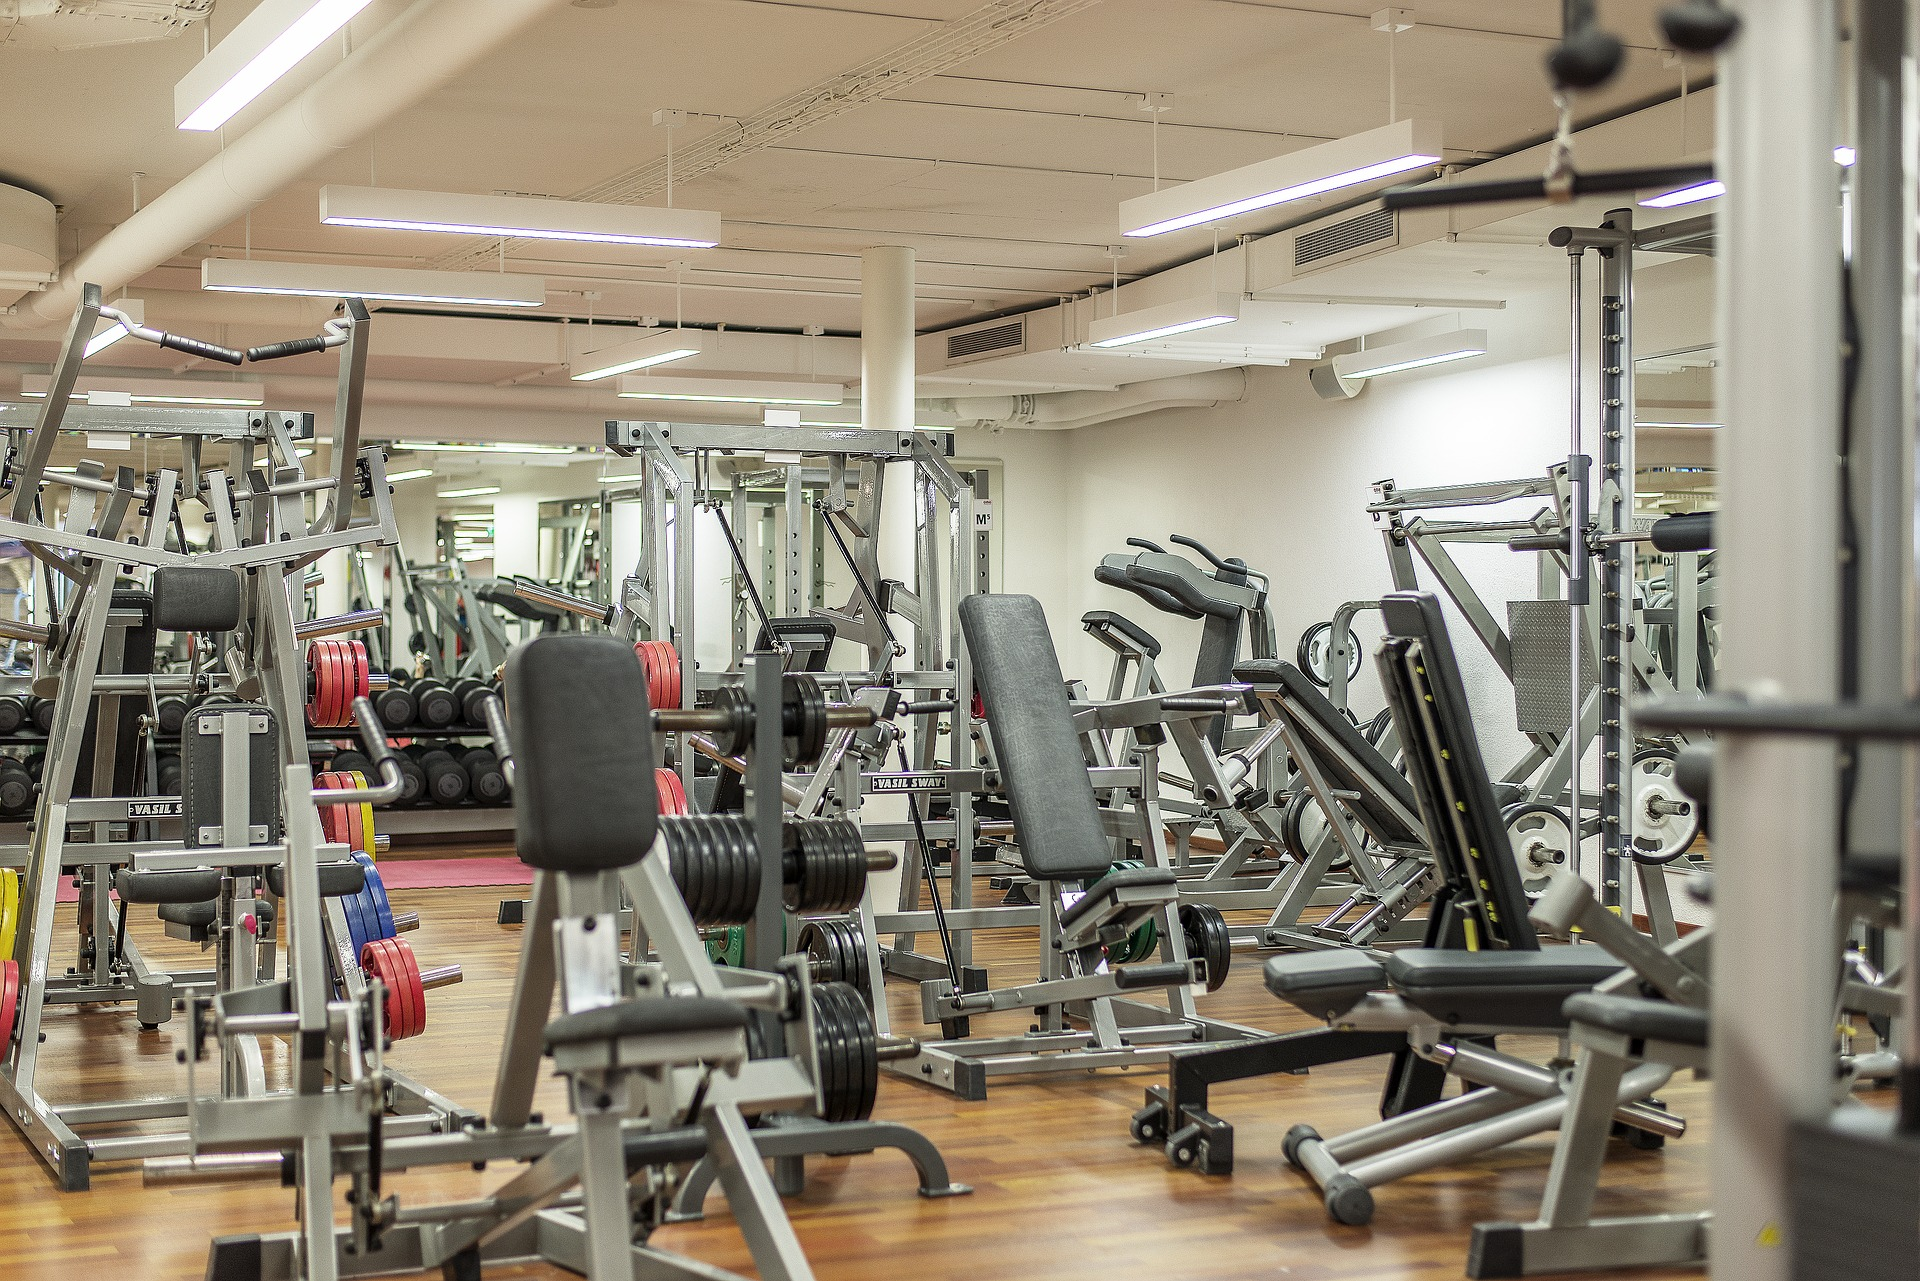 Fitnessgeräte für Bauch Beine Po